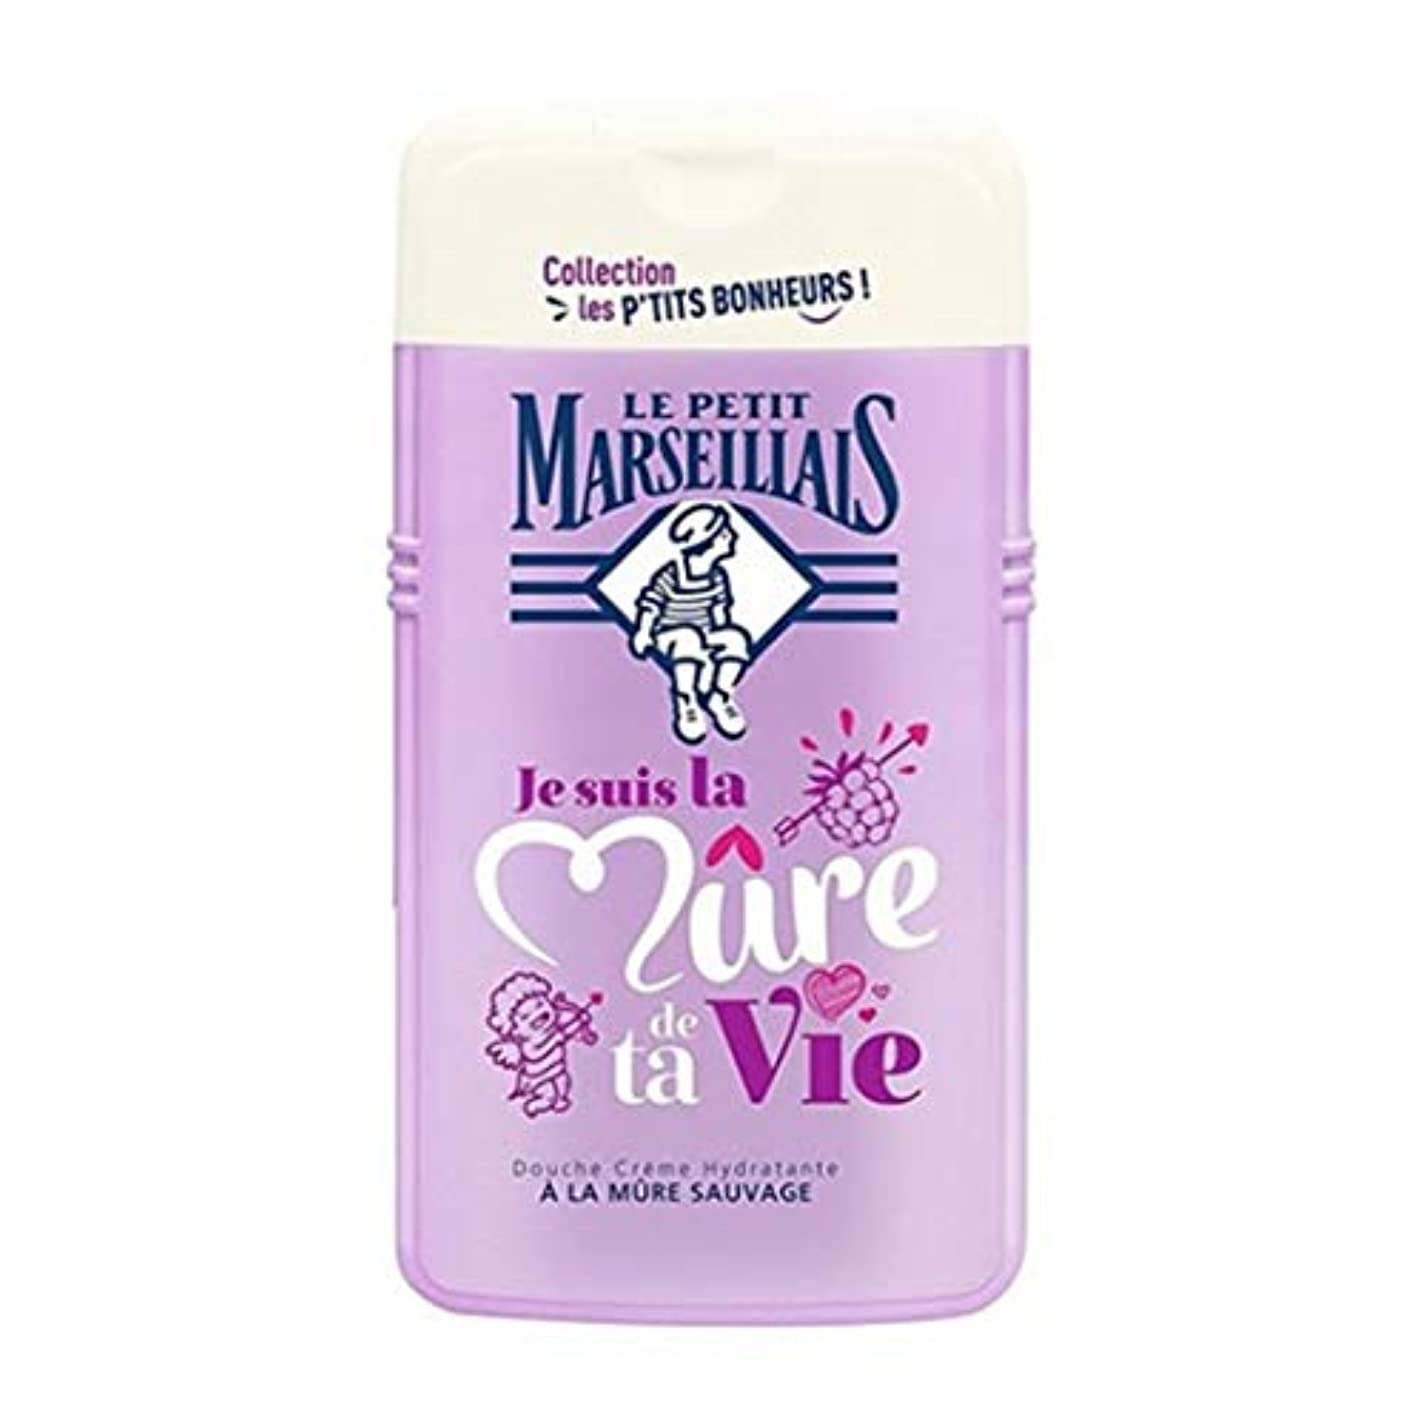 惨めな著作権行商人「ブラックベリー」シャワークリーム ???? フランスの「ル?プティ?マルセイユ (Le Petit Marseillais)」 les P'TITS BONHEURS 250ml ボディウォッシュ